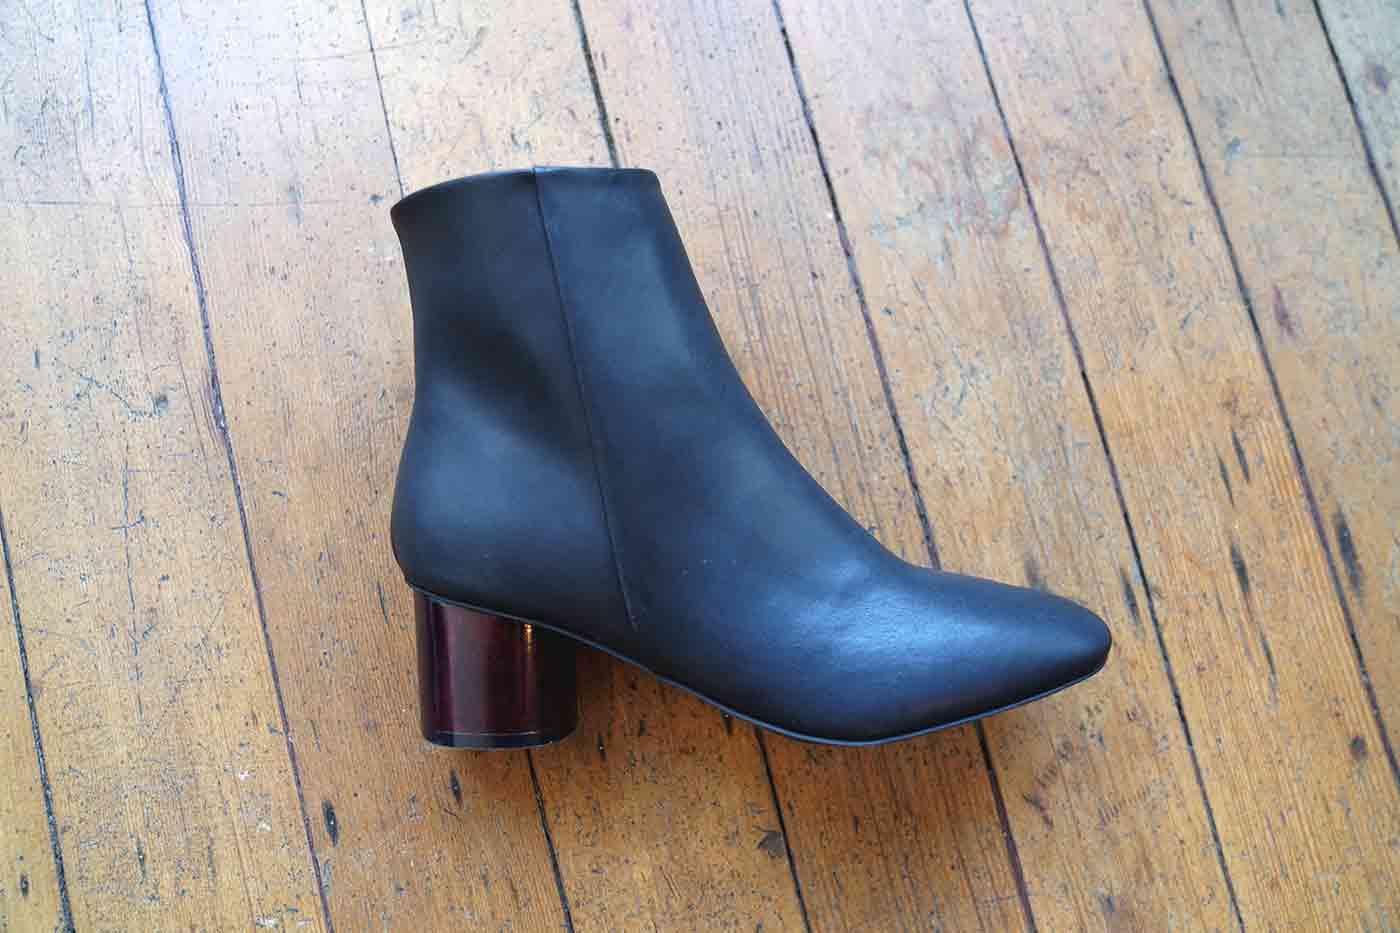 designer vegan black boot with a wooden heel